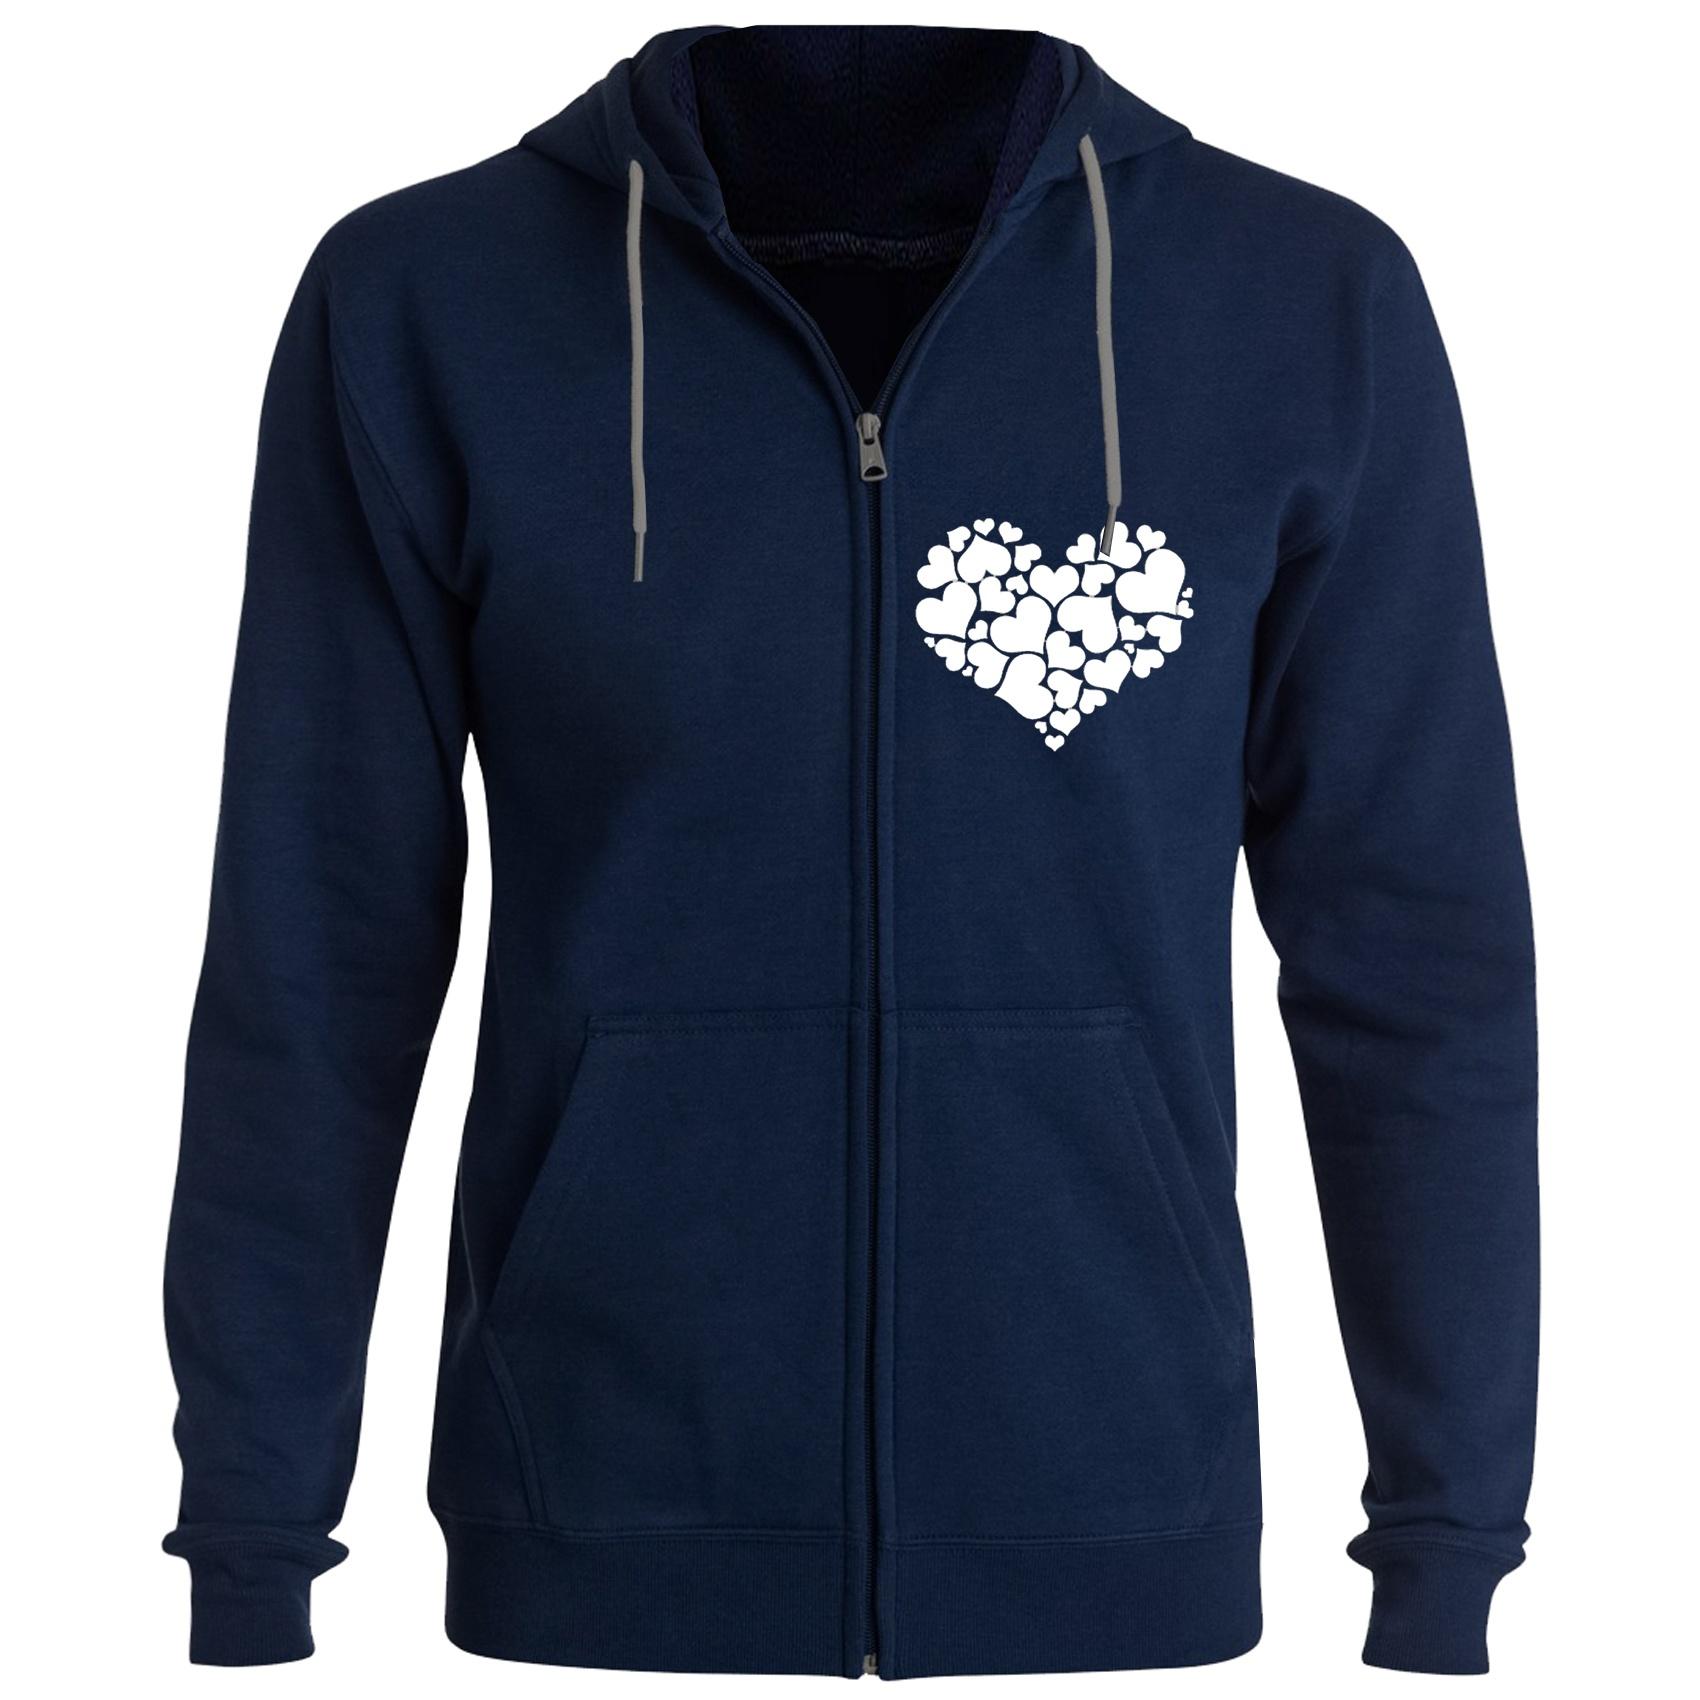 سویشرت زنانه طرح قلب کد F80 رنگ سرمه ای